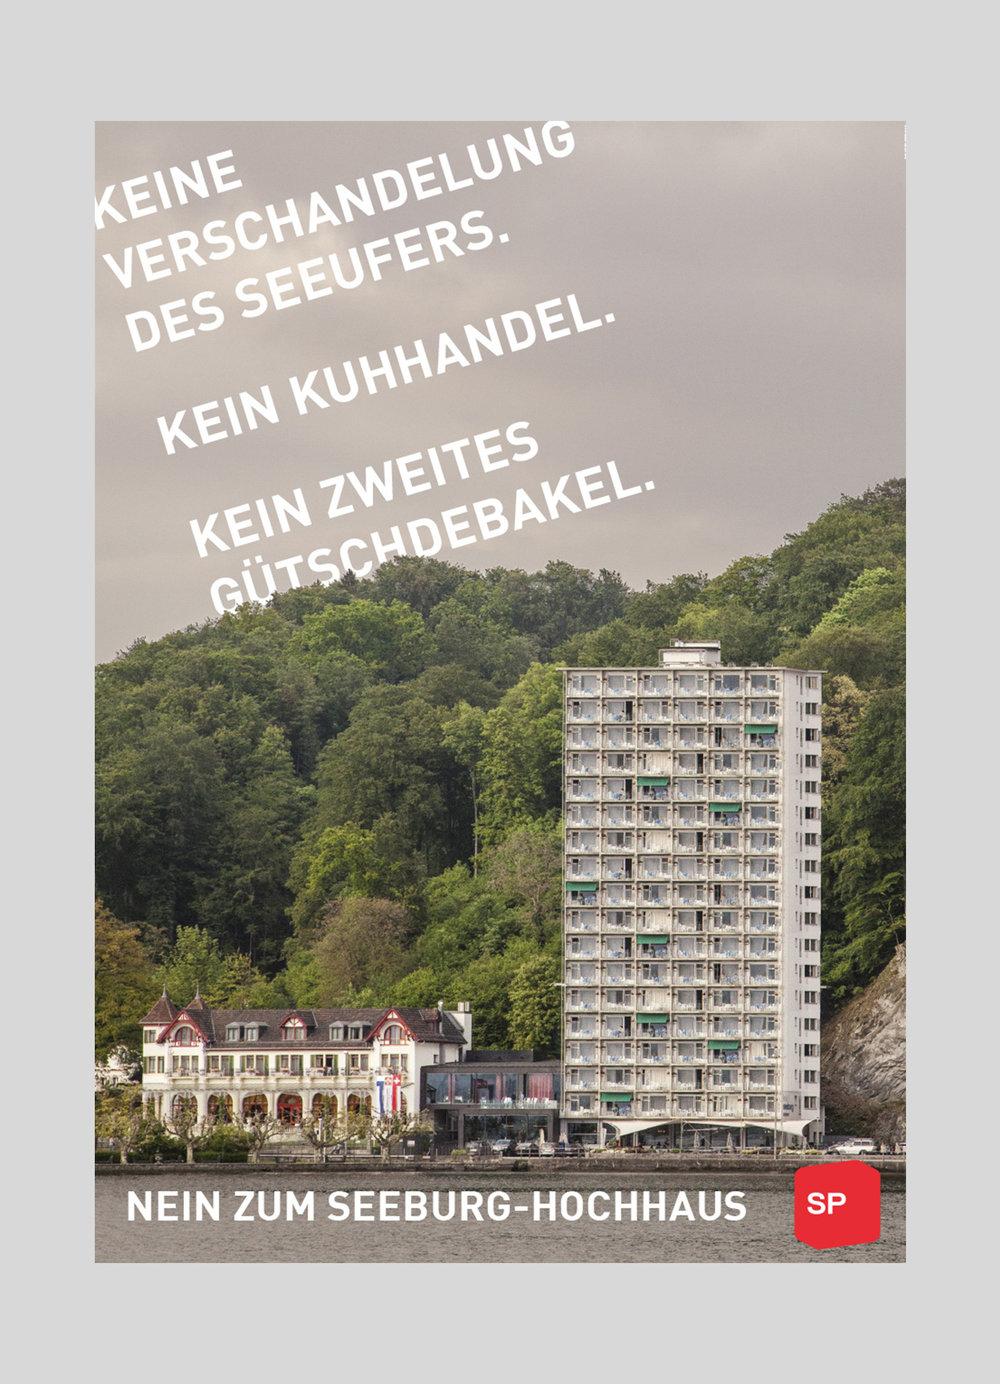 SP Stadt Luzern – Nein zum Seeburg-Hochhaus | 2012  Abstimmungsplakat, gegen die Umzonung des Standorts Seeburg.